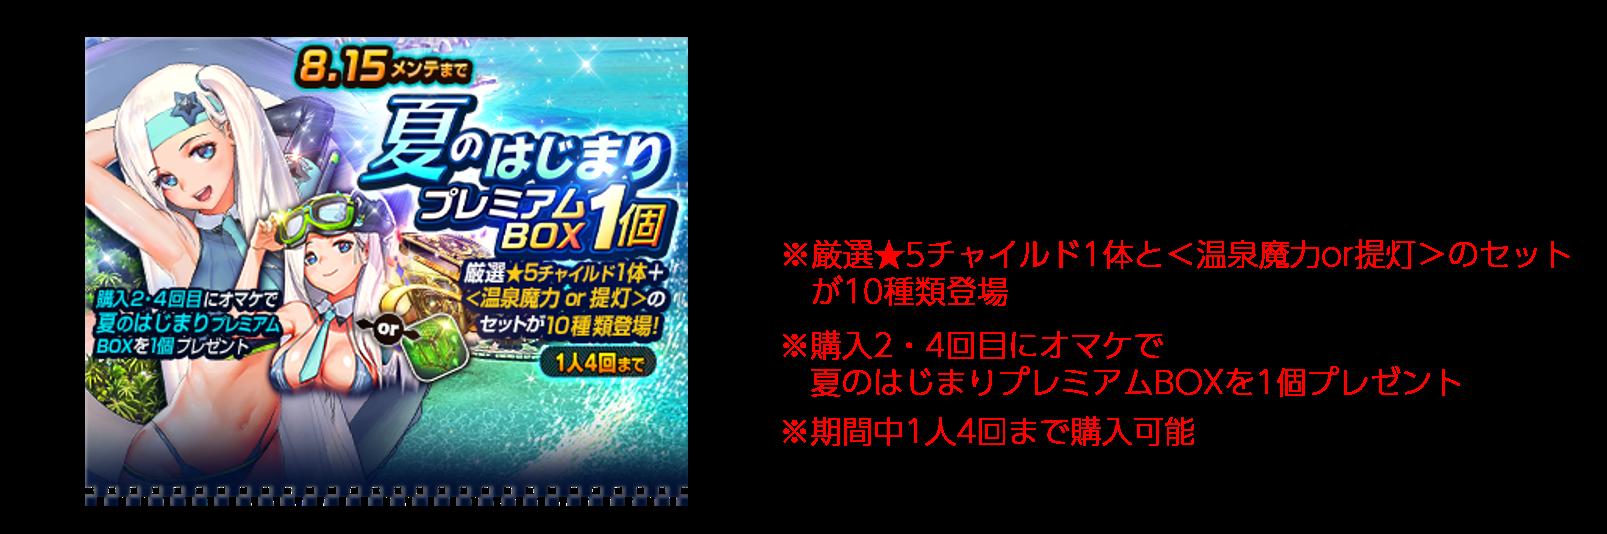 0725販売_プレミアムBOX